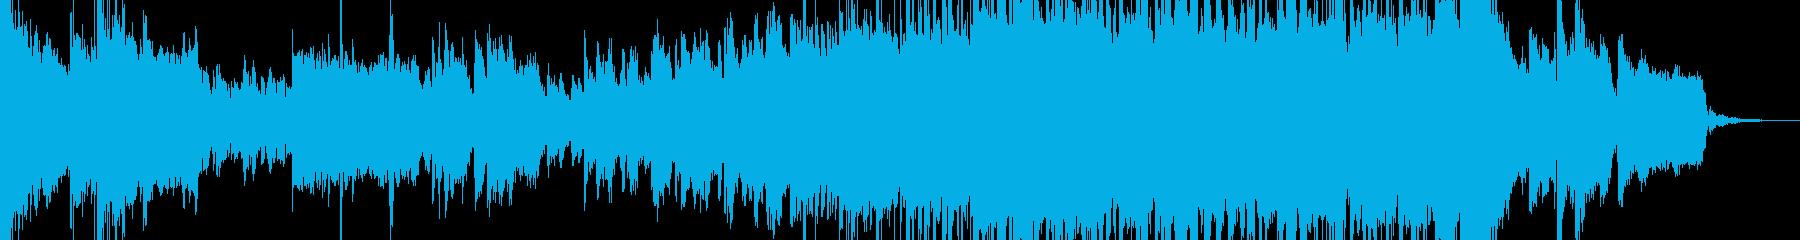 80年代風なサックスメロディーの曲の再生済みの波形